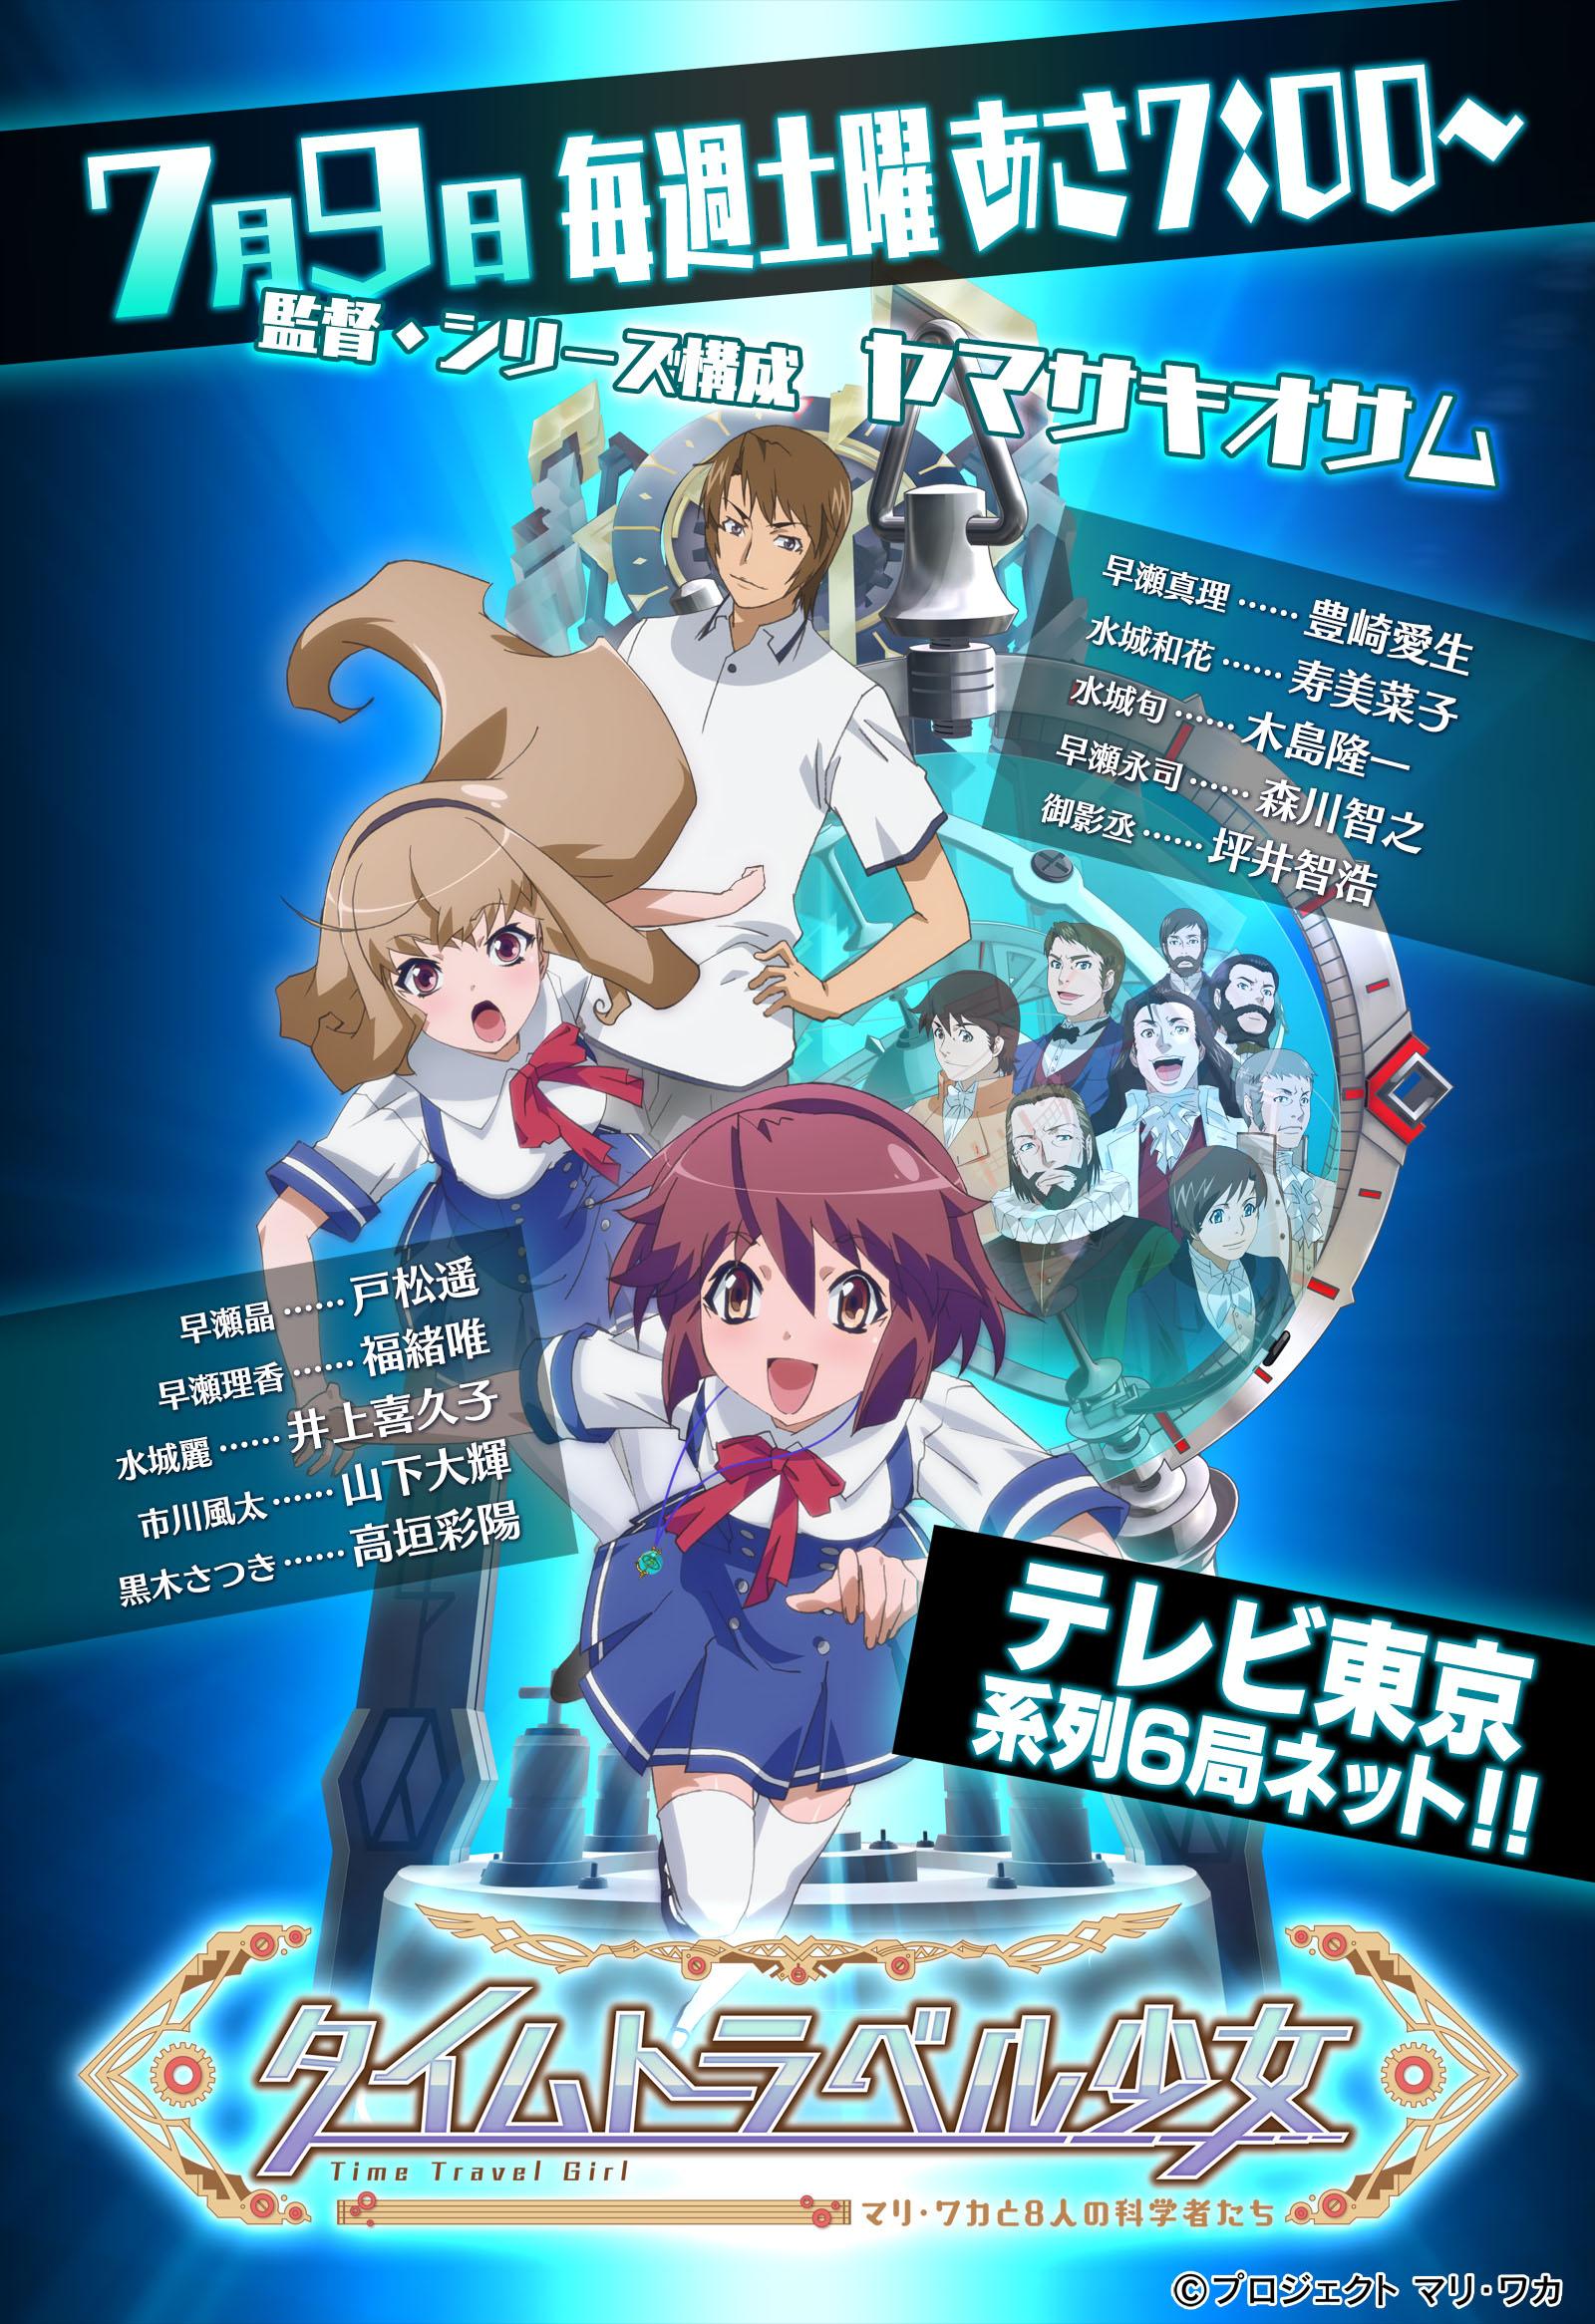 テレビアニメ「タイムトラベル少女~マリ・ワカと8人の科学者たち~」公式ページ